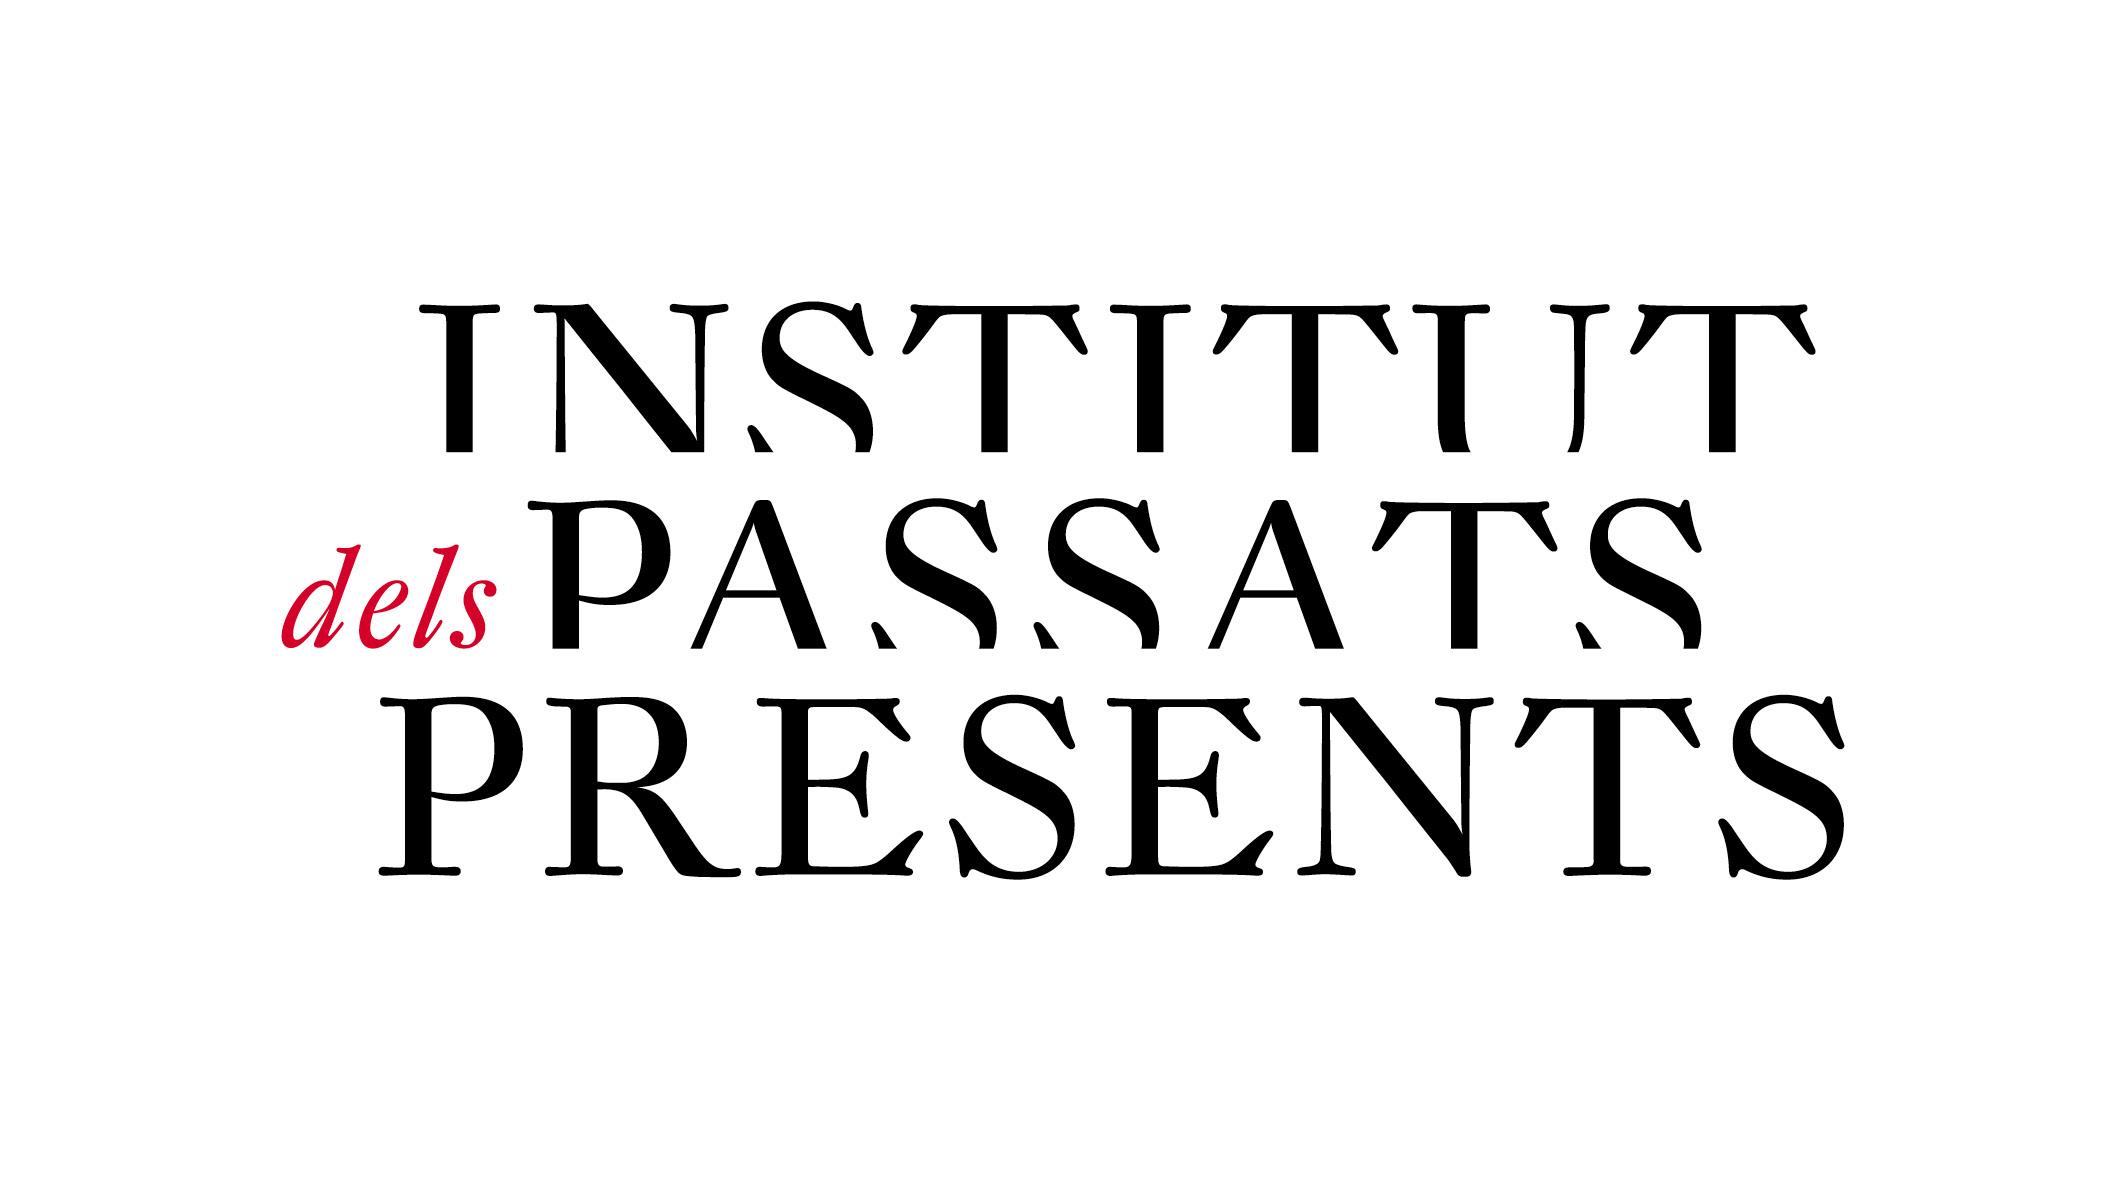 Institut dels Passats Presents